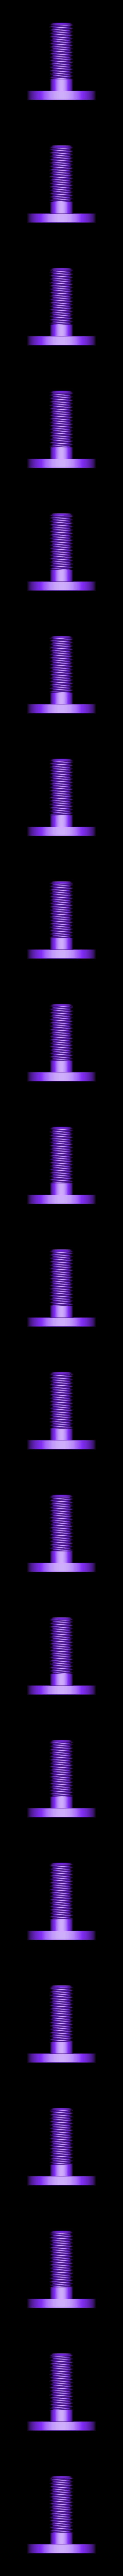 vis de blocage support de rouleaux sur la base.stl Télécharger fichier STL gratuit Distributeur triple pour papier toilette • Design à imprimer en 3D, als